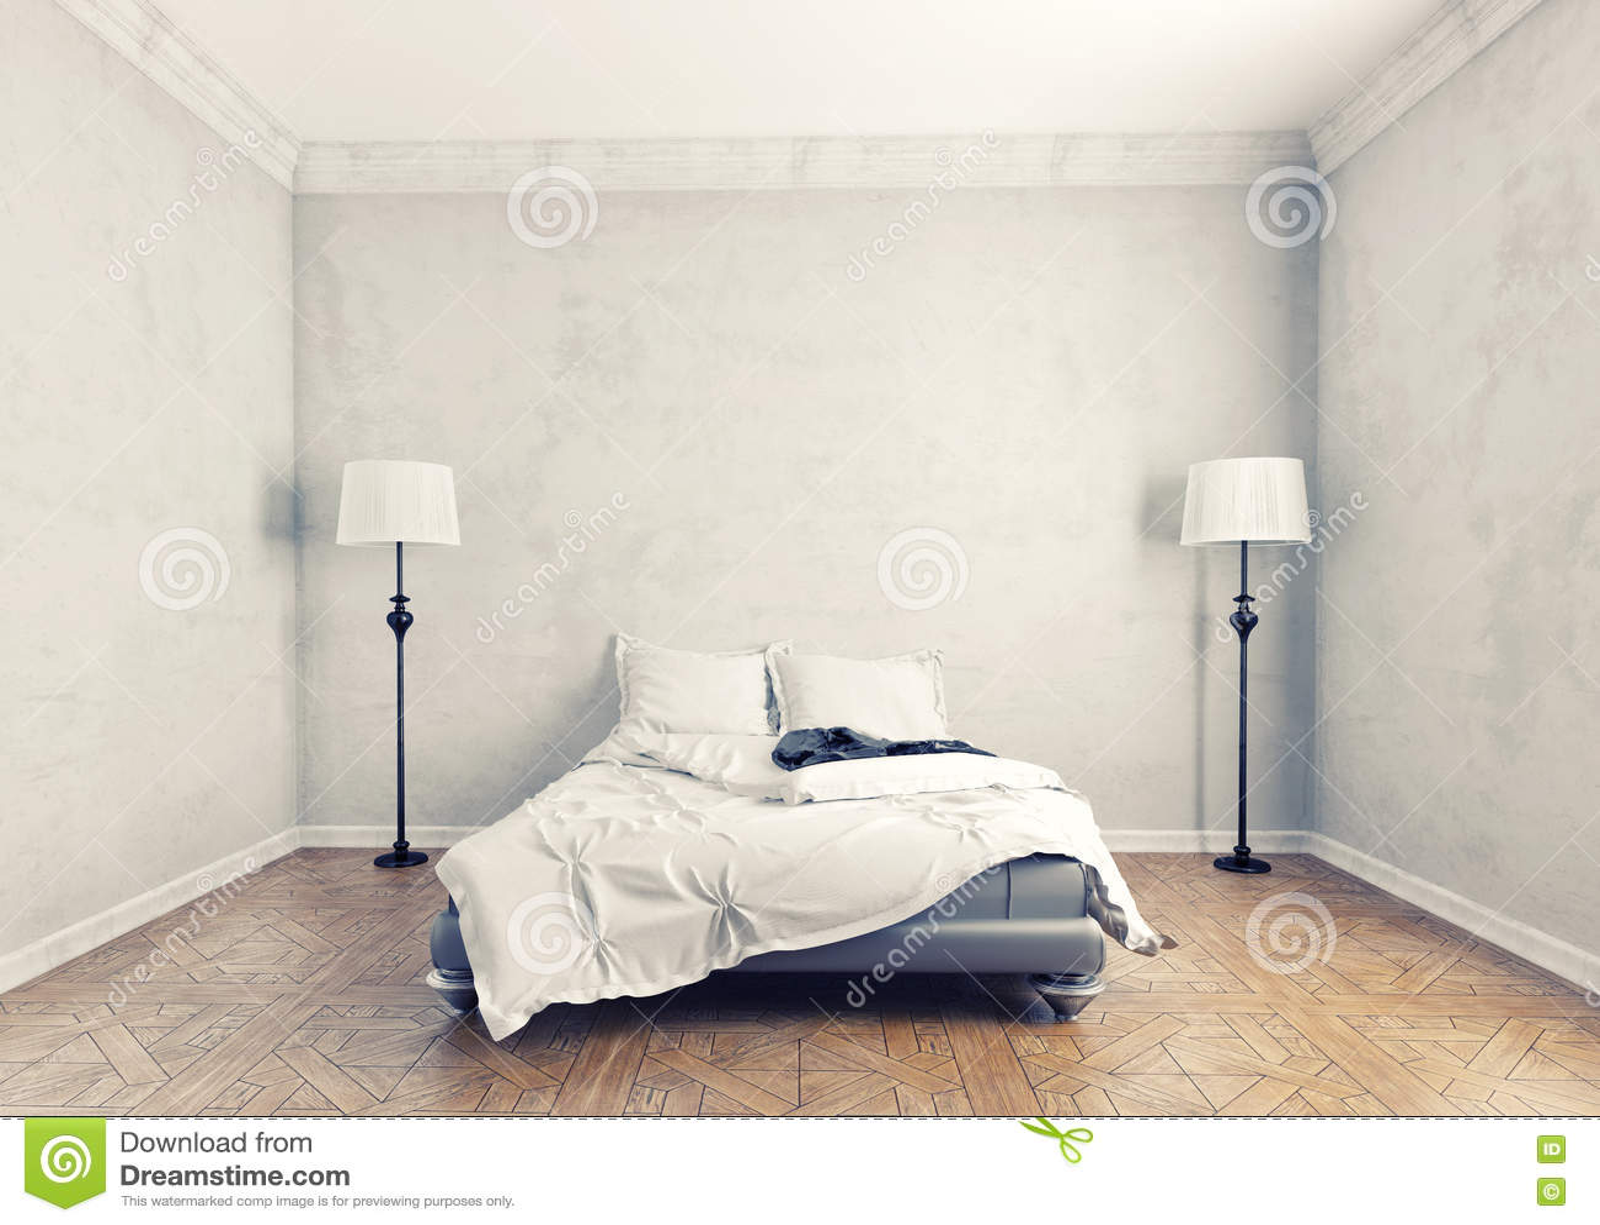 Chambre coucher moderne images libres de droits image 29199359 for Photos chambre a coucher moderne